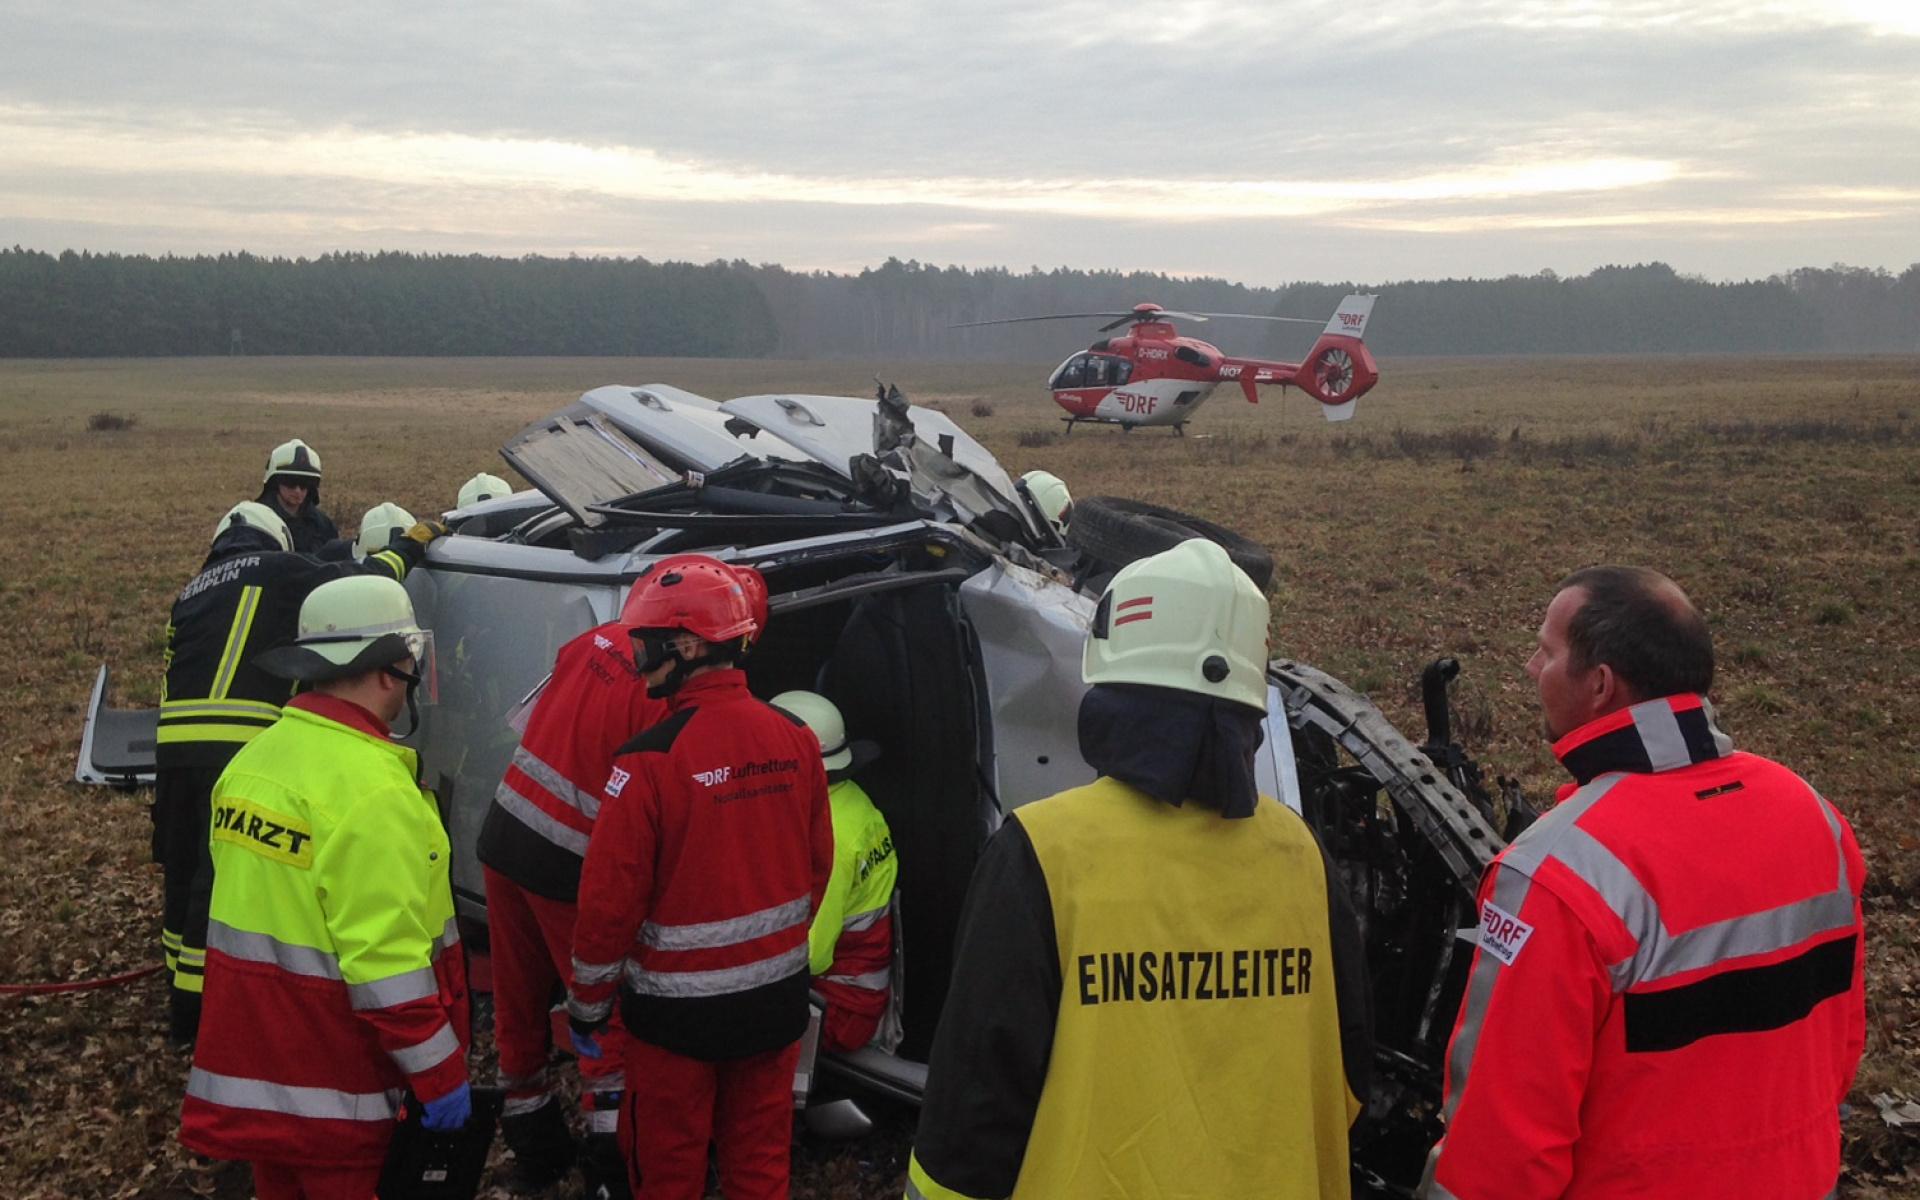 Einsatz für die Angermünder Luftretter: Der Fahrer dieses Pkw erleidet lebensbedrohliche Mehrfachverletzungen. Die Hubschrauber-Crew fliegt ihn in eine Spezialklinik nach Eberswalde.